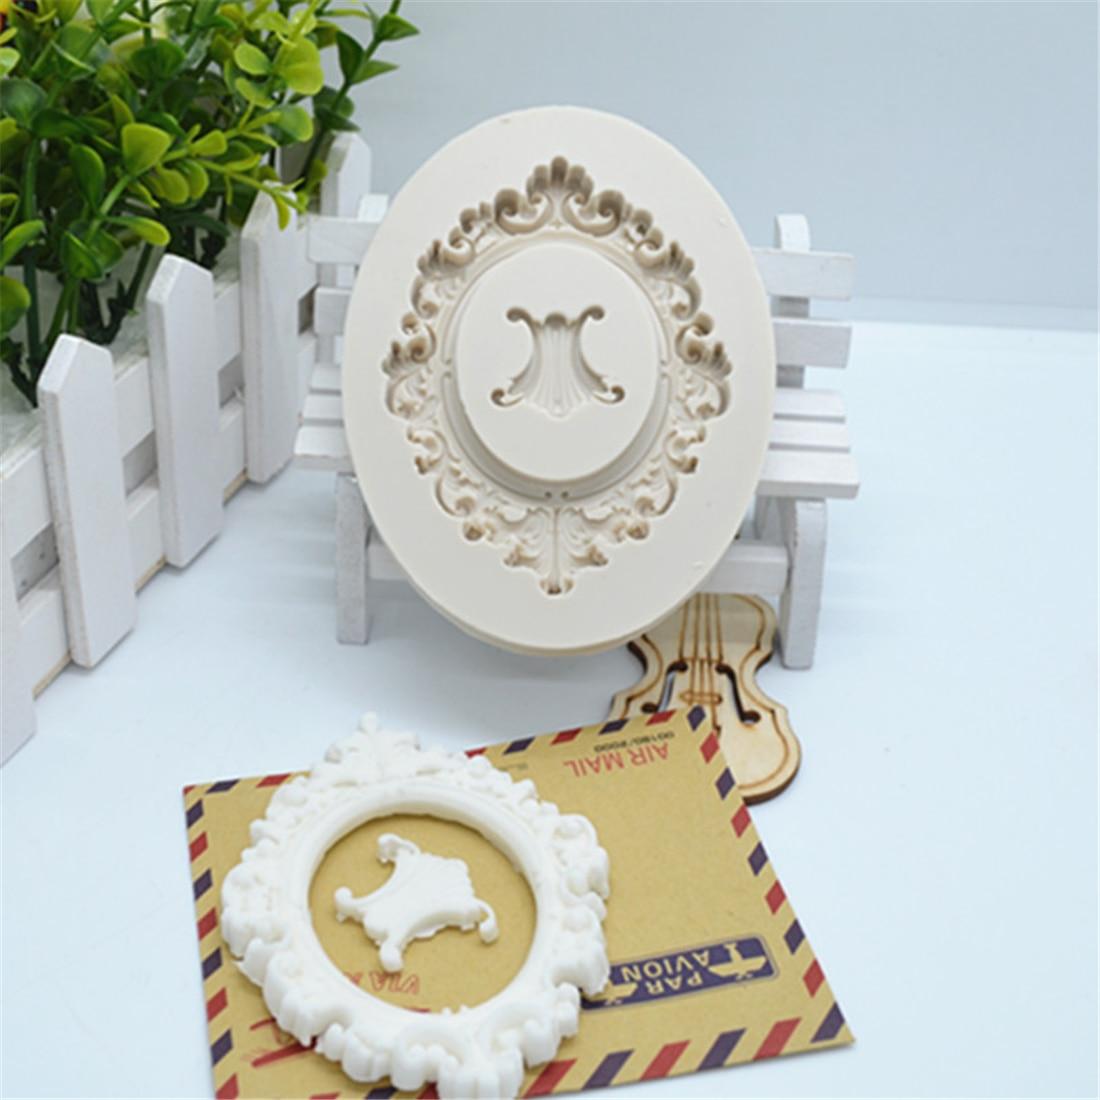 Цветочная кружевная форма для торта, помадки из смолы, инструменты для украшения тортов, «сделай сам», кондитерские аксессуары для кухни, вы...